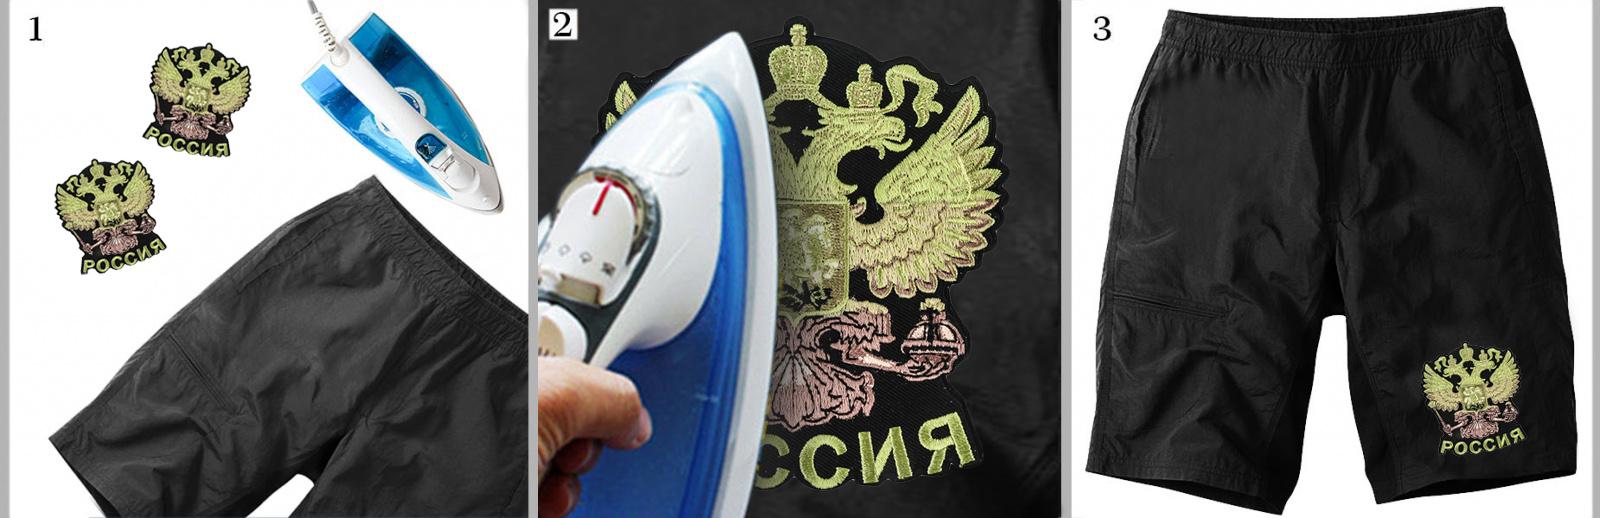 Патриотическая термонашивка Герб России